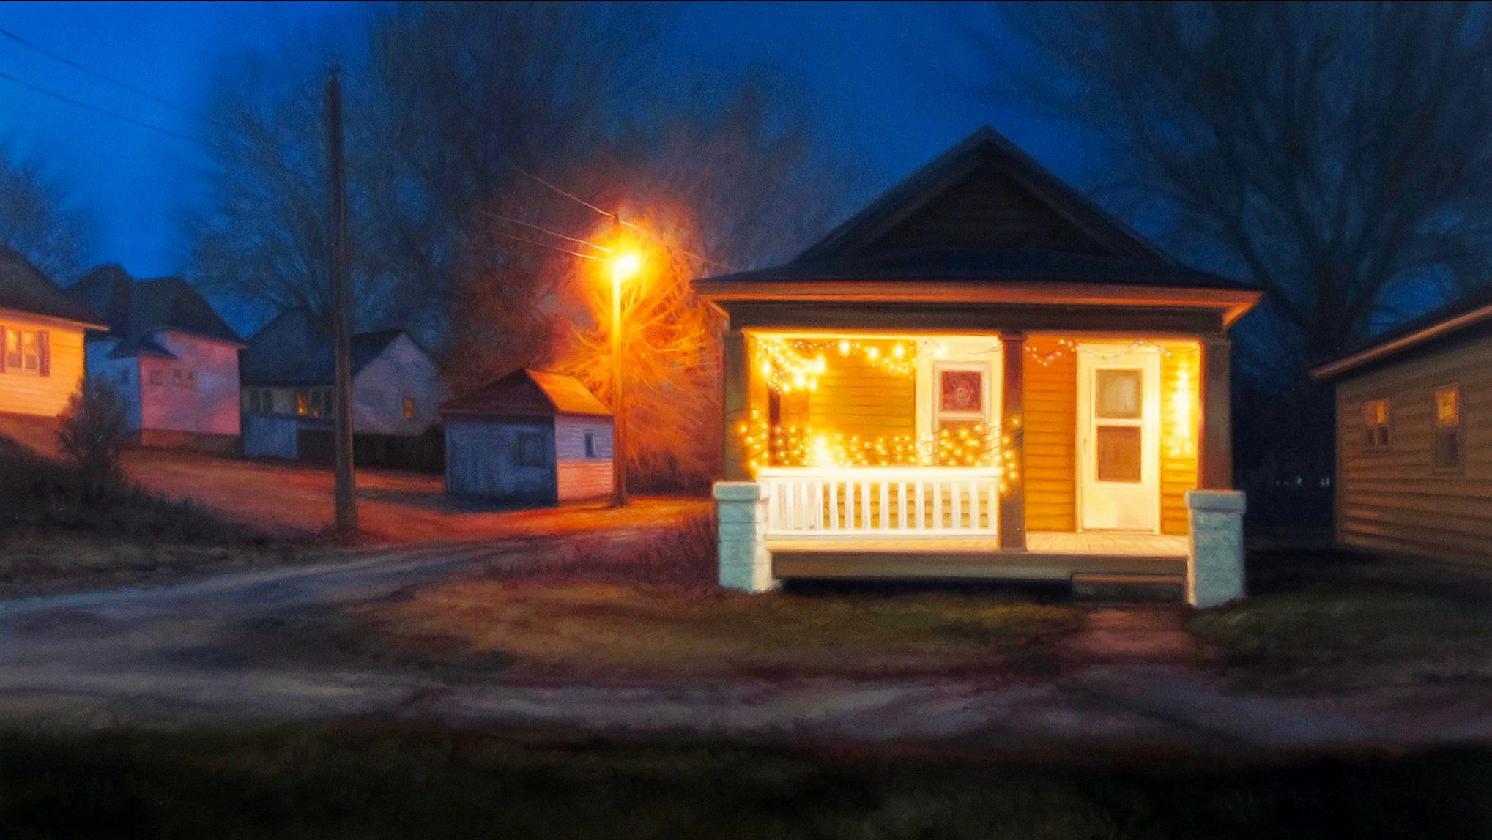 Sarah Williams: Twilight Towns